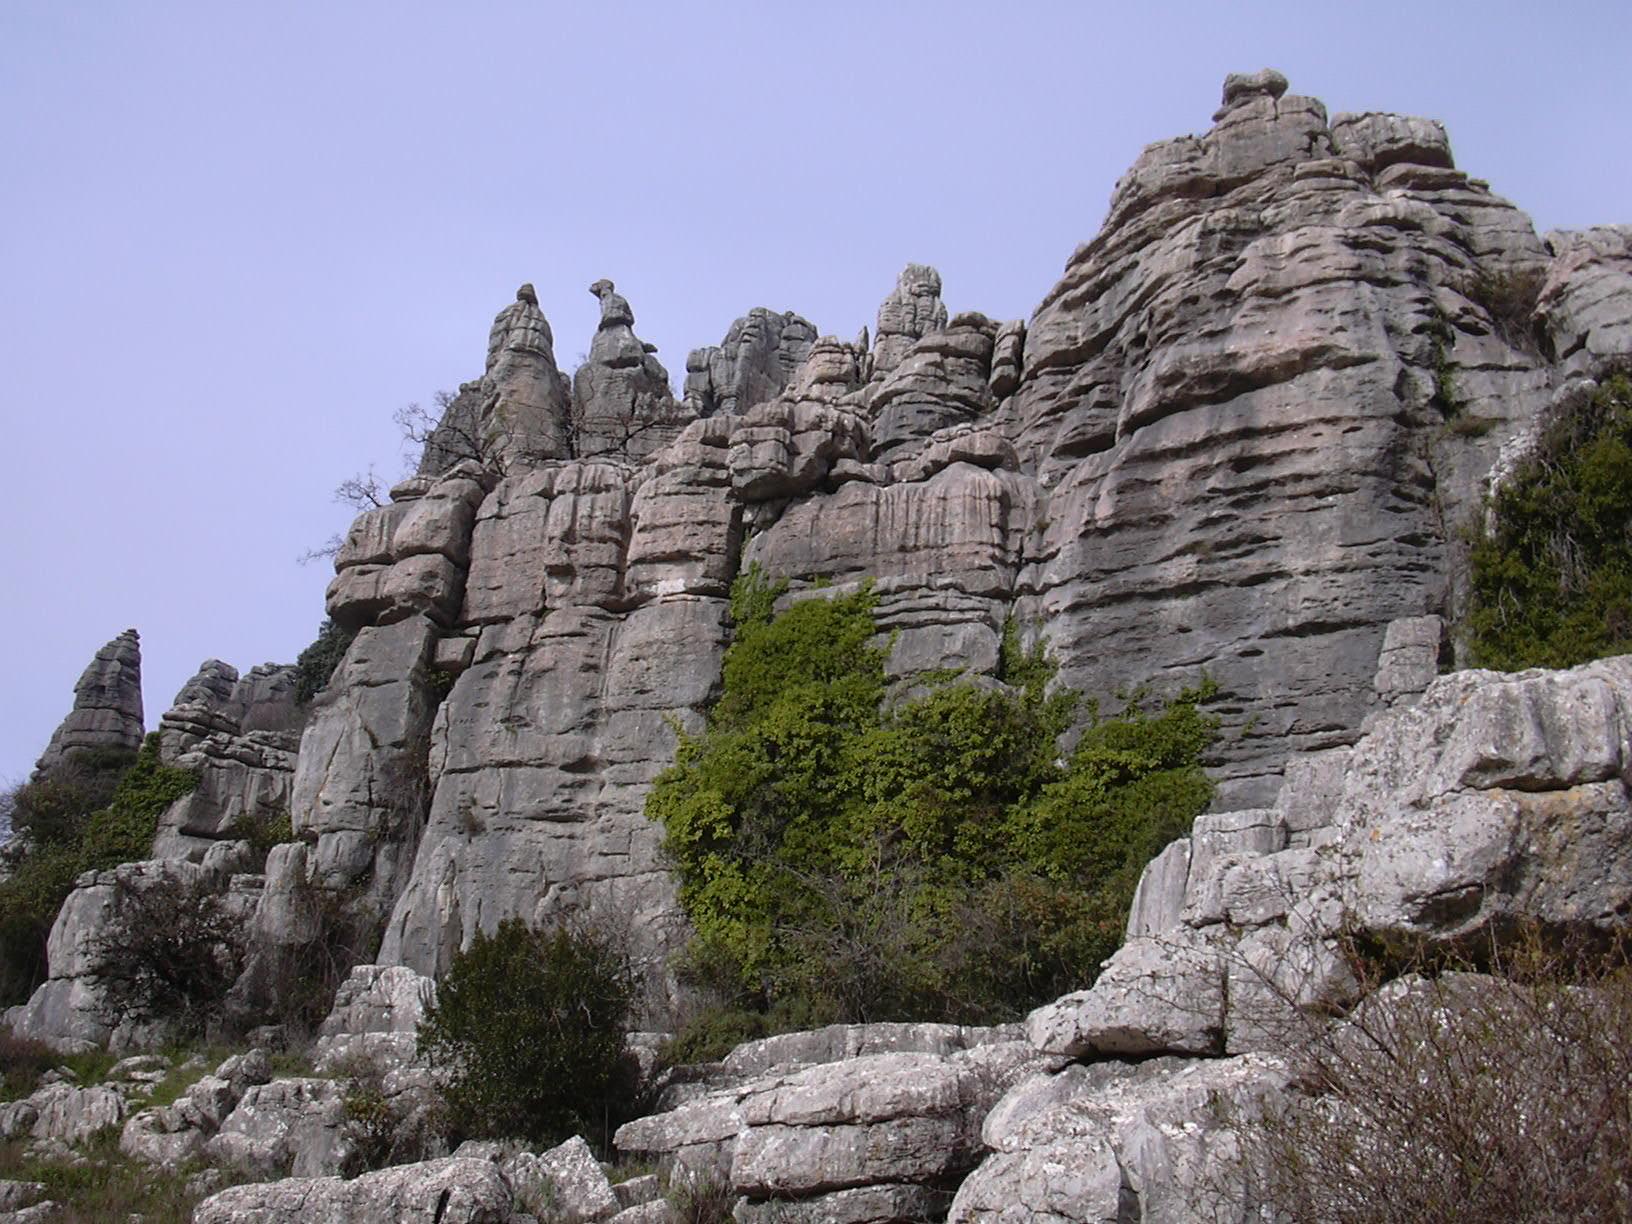 El Torcal rocks overview 18